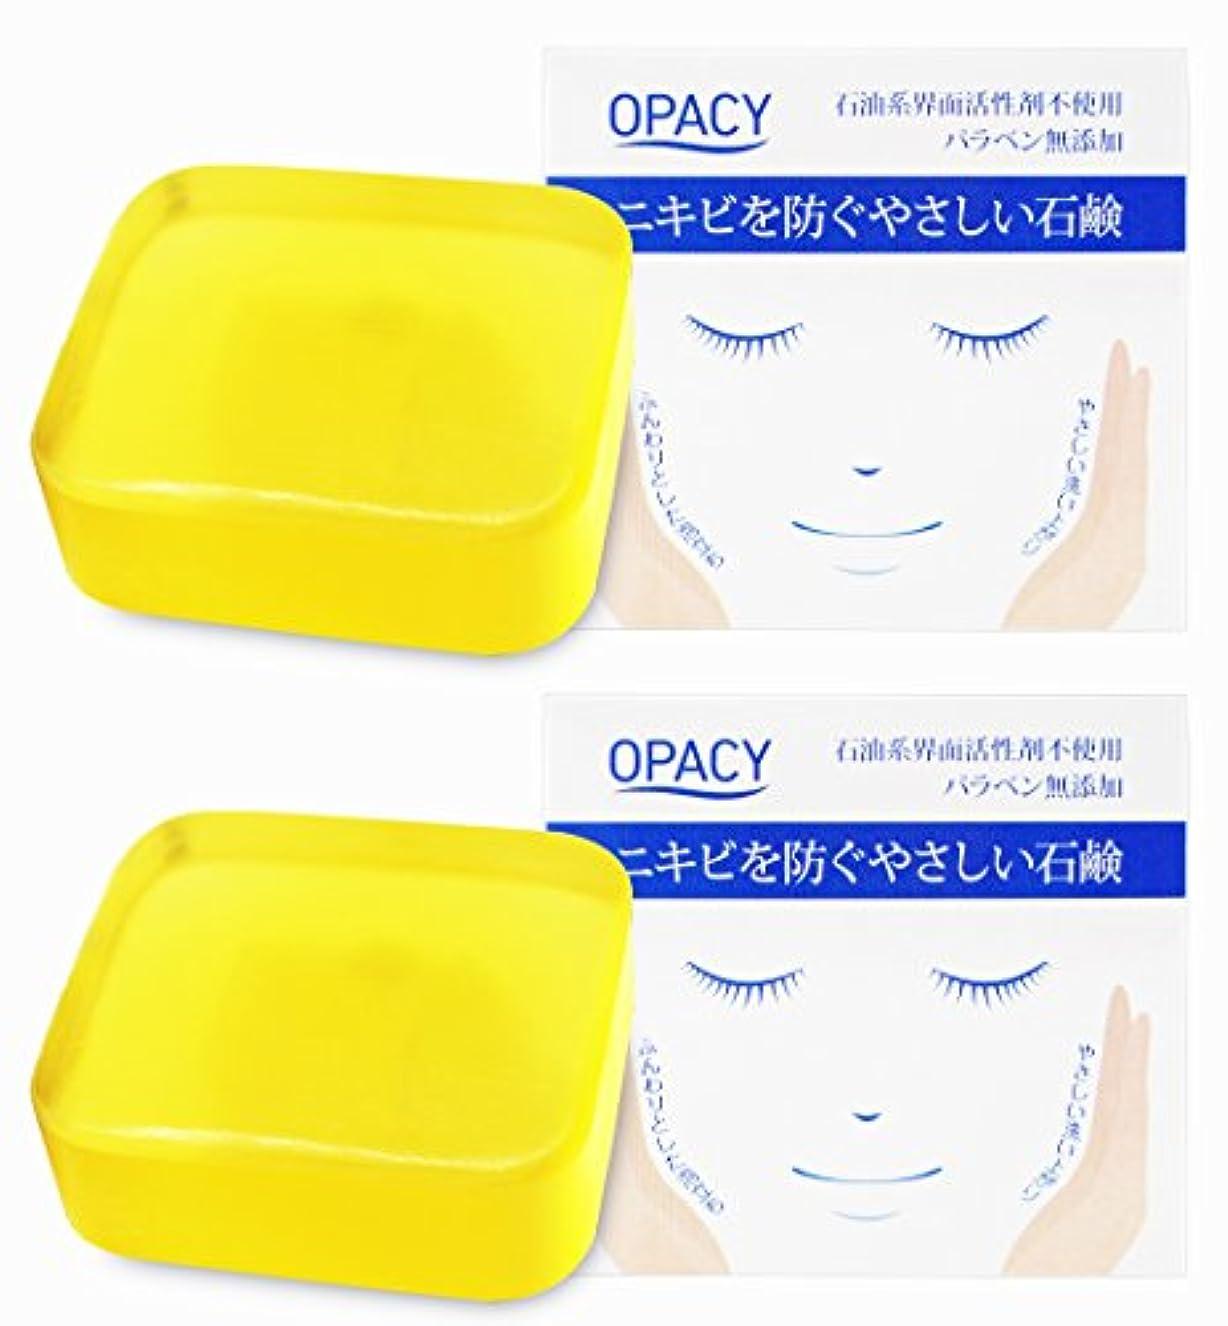 適用済み有望オーディション【2個セット】オパシー石鹸100g (2個)